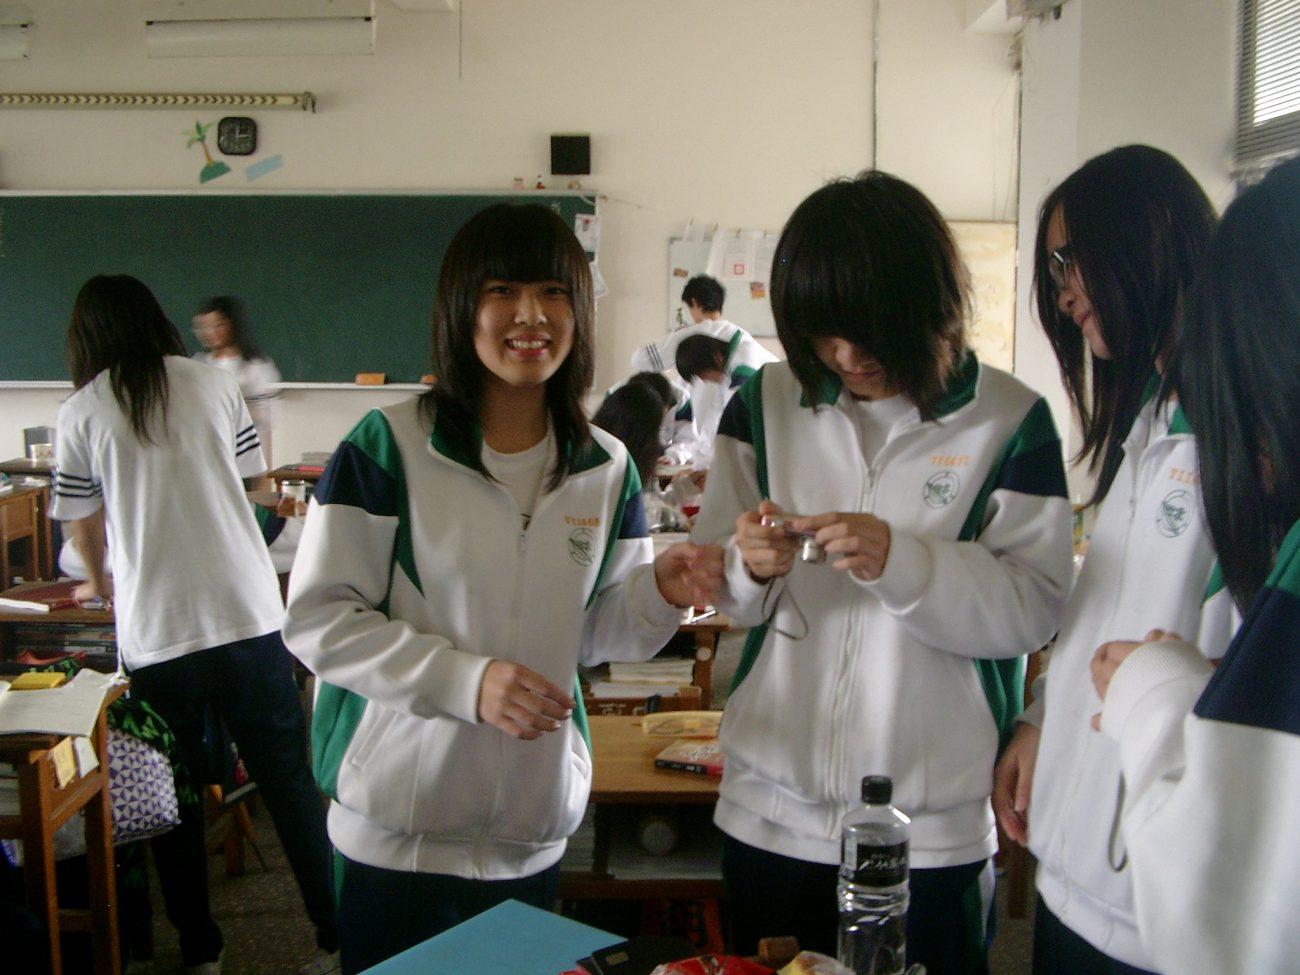 Schülerinnen Taiwan Schuluniform